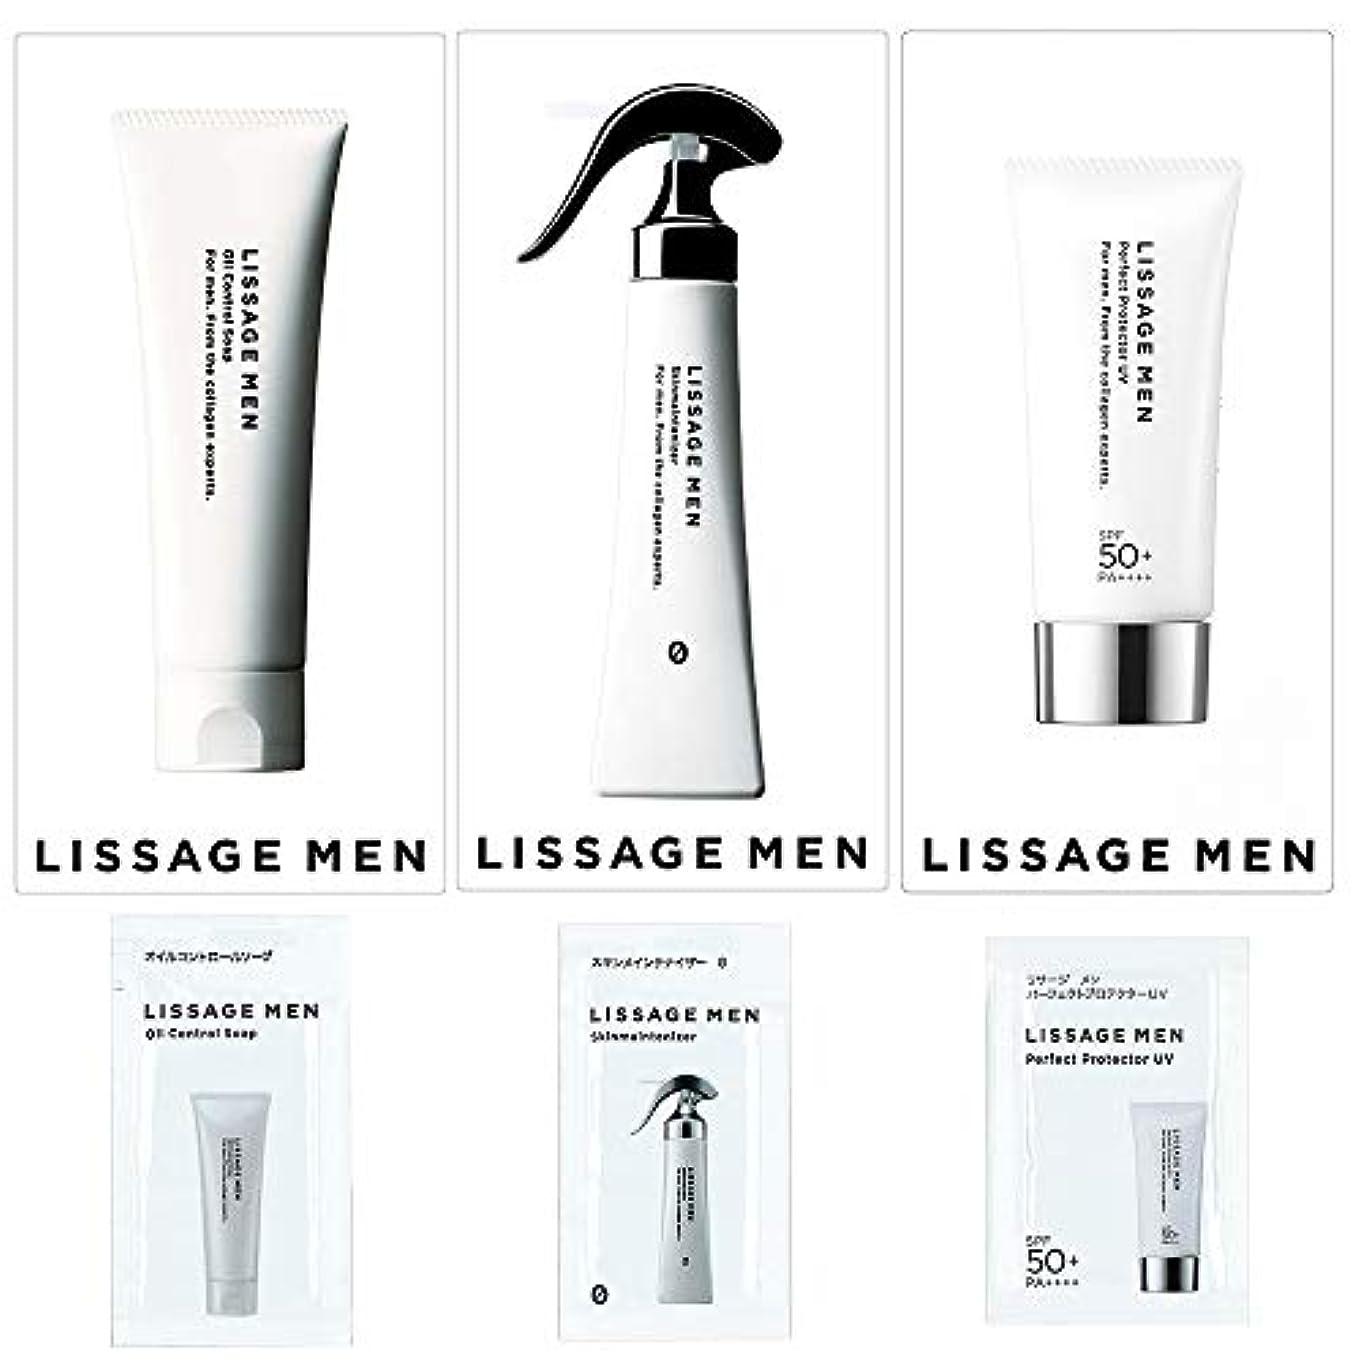 静的反発注意リサージメン メンズ フェイスケア 3点セット 洗顔&化粧水&UV(サンプルセット) 【実質無料サンプルストア対象】